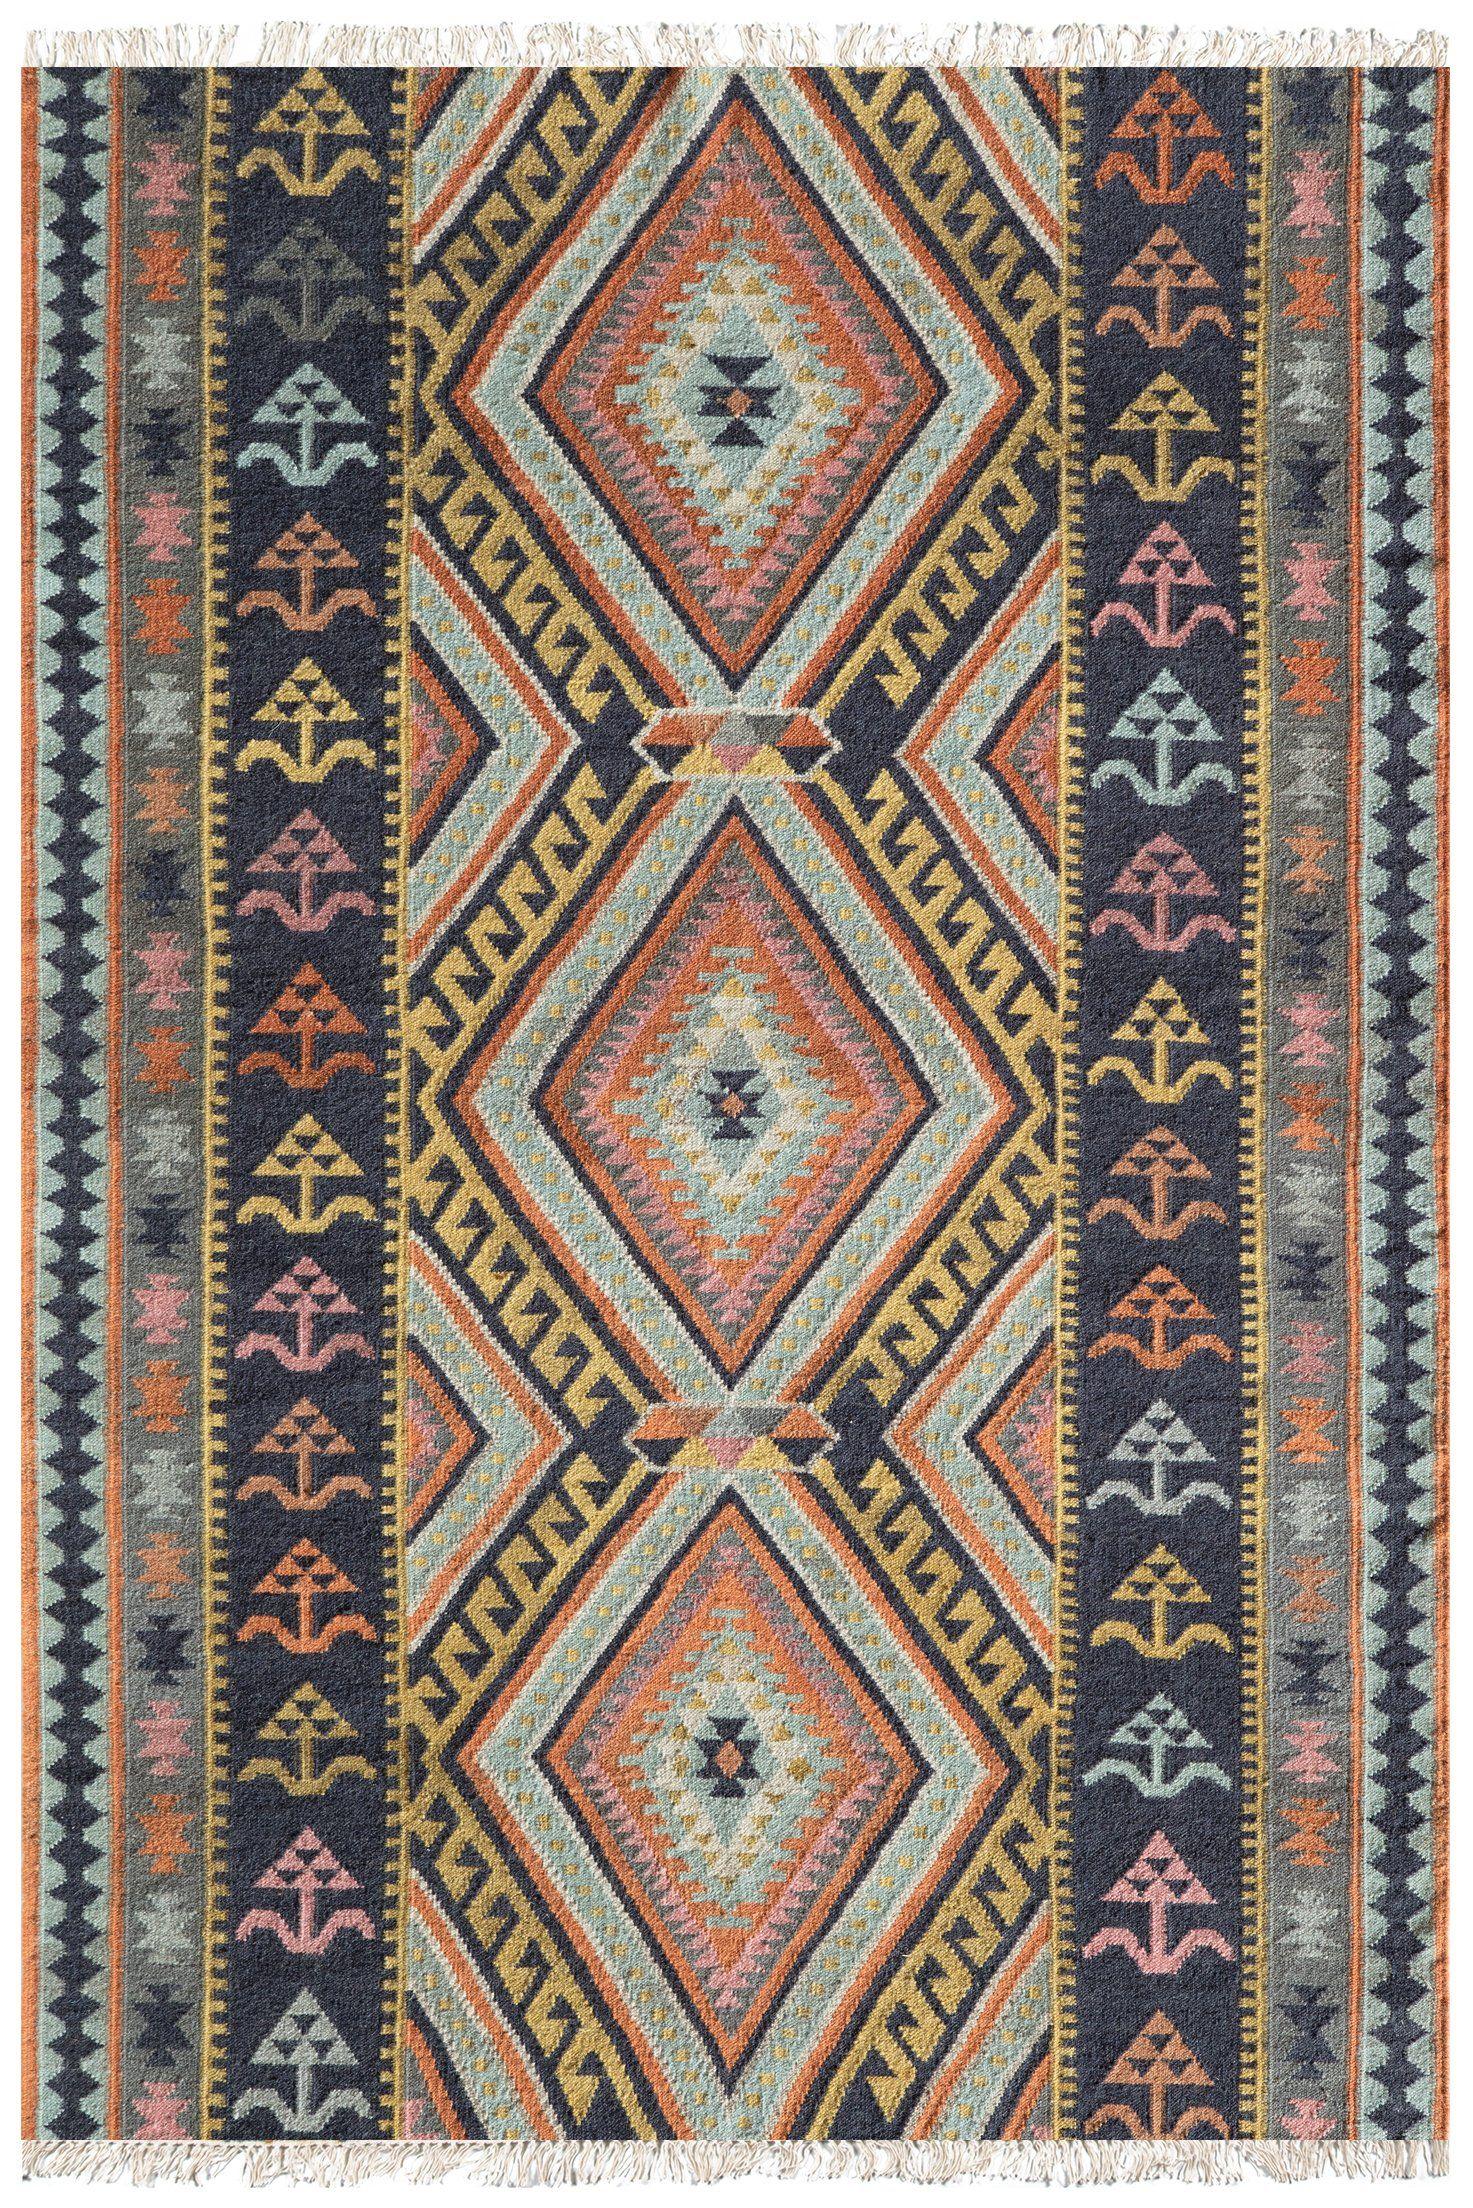 Southwest Boho Flatweave Kilim Style Orange Pink Blue Rug Kilim